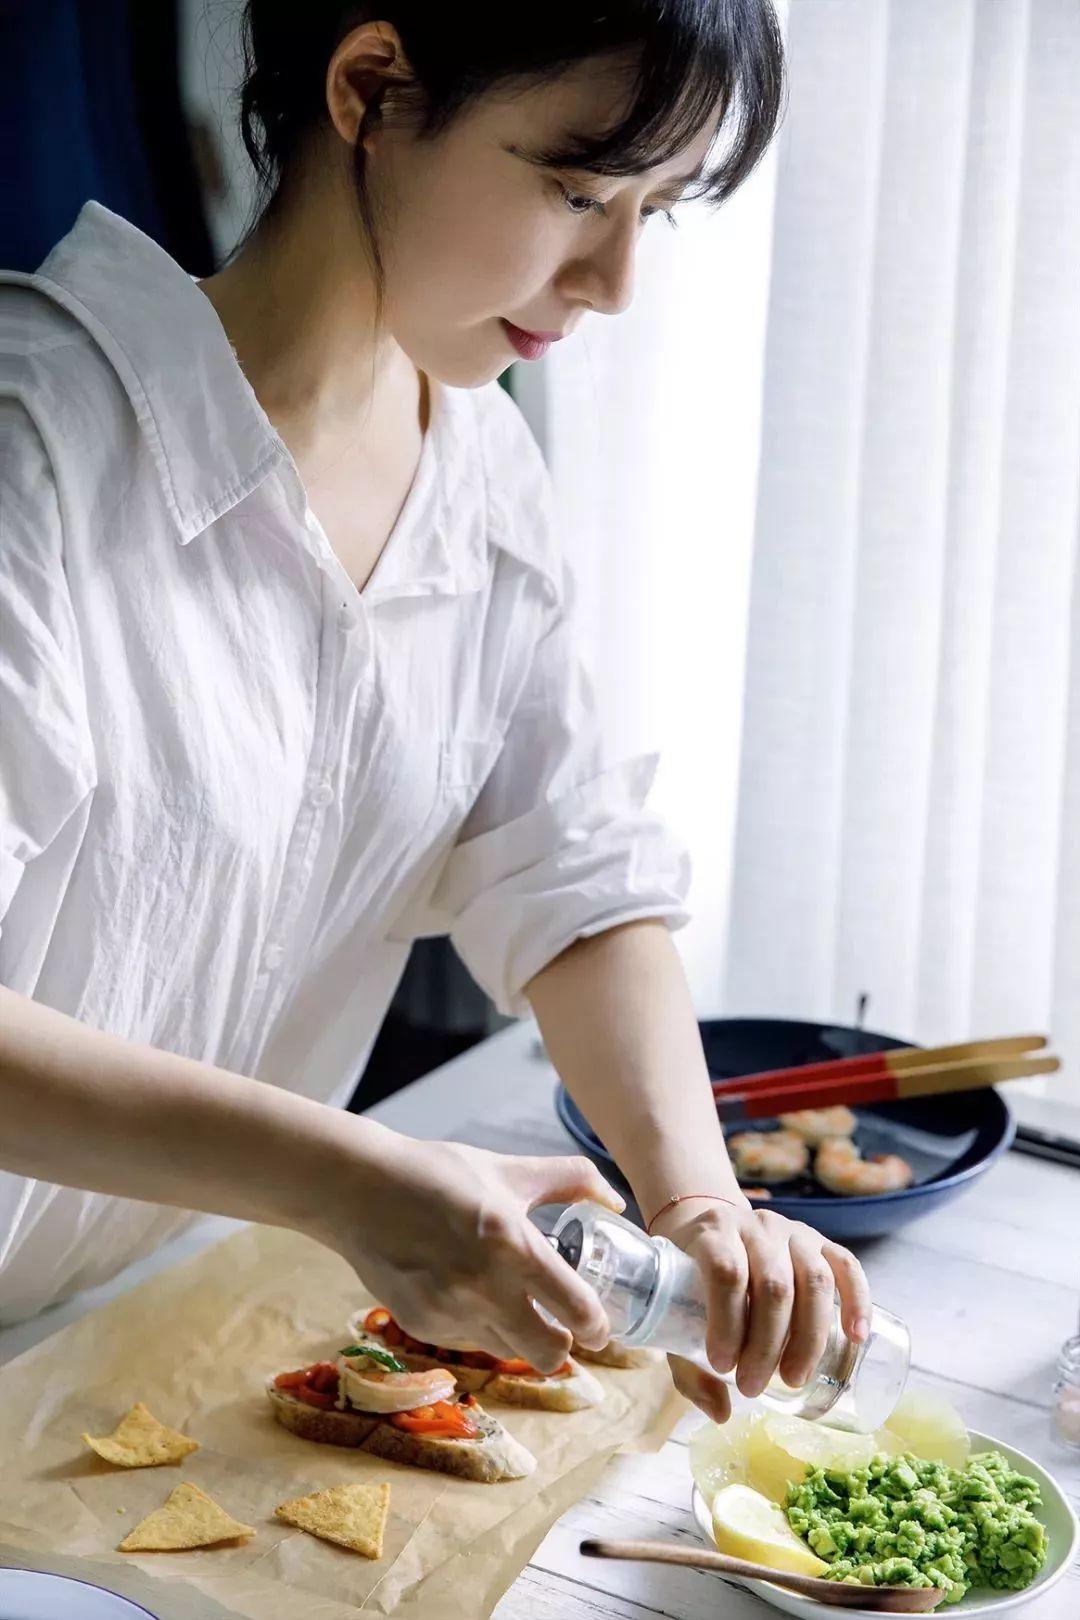 专访Chef Olivia孙晓闻:不爱职场爱厨房,想让更多人了解徽州美食